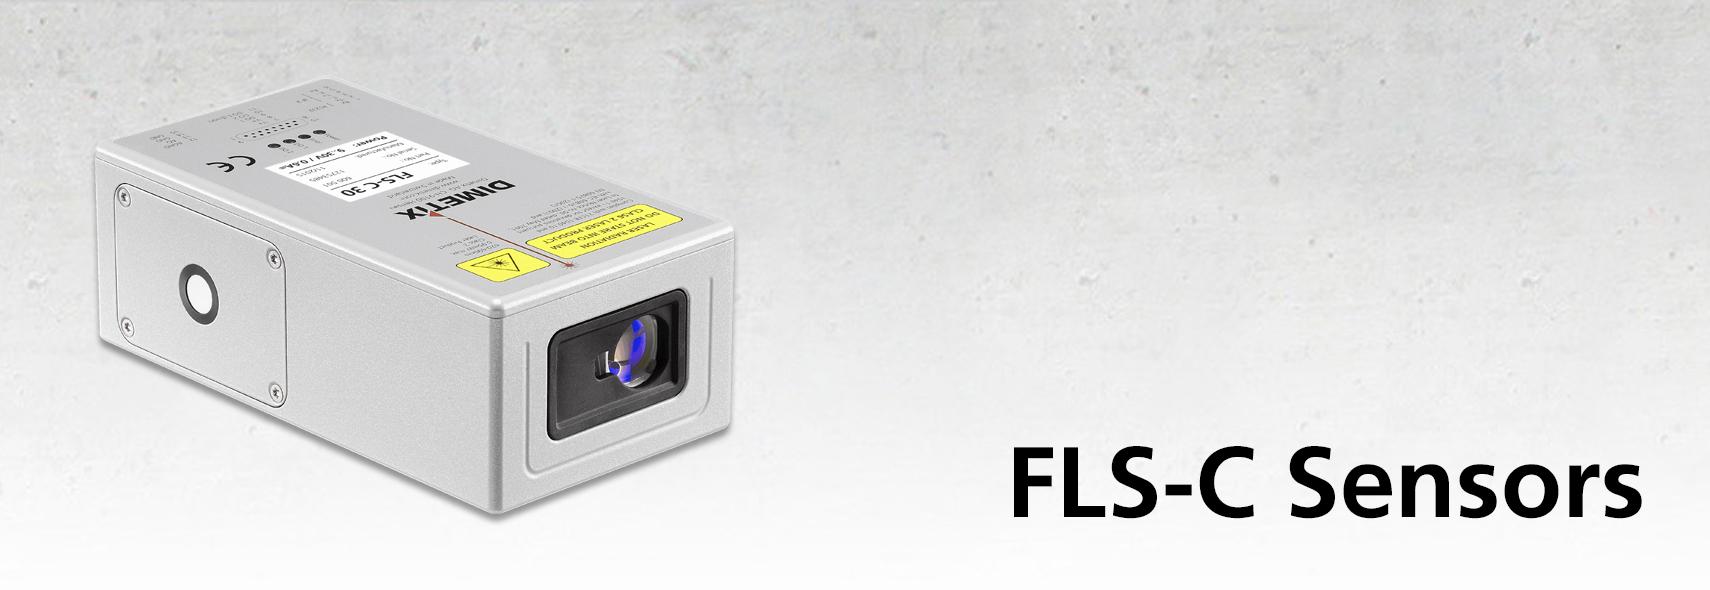 FLS-C